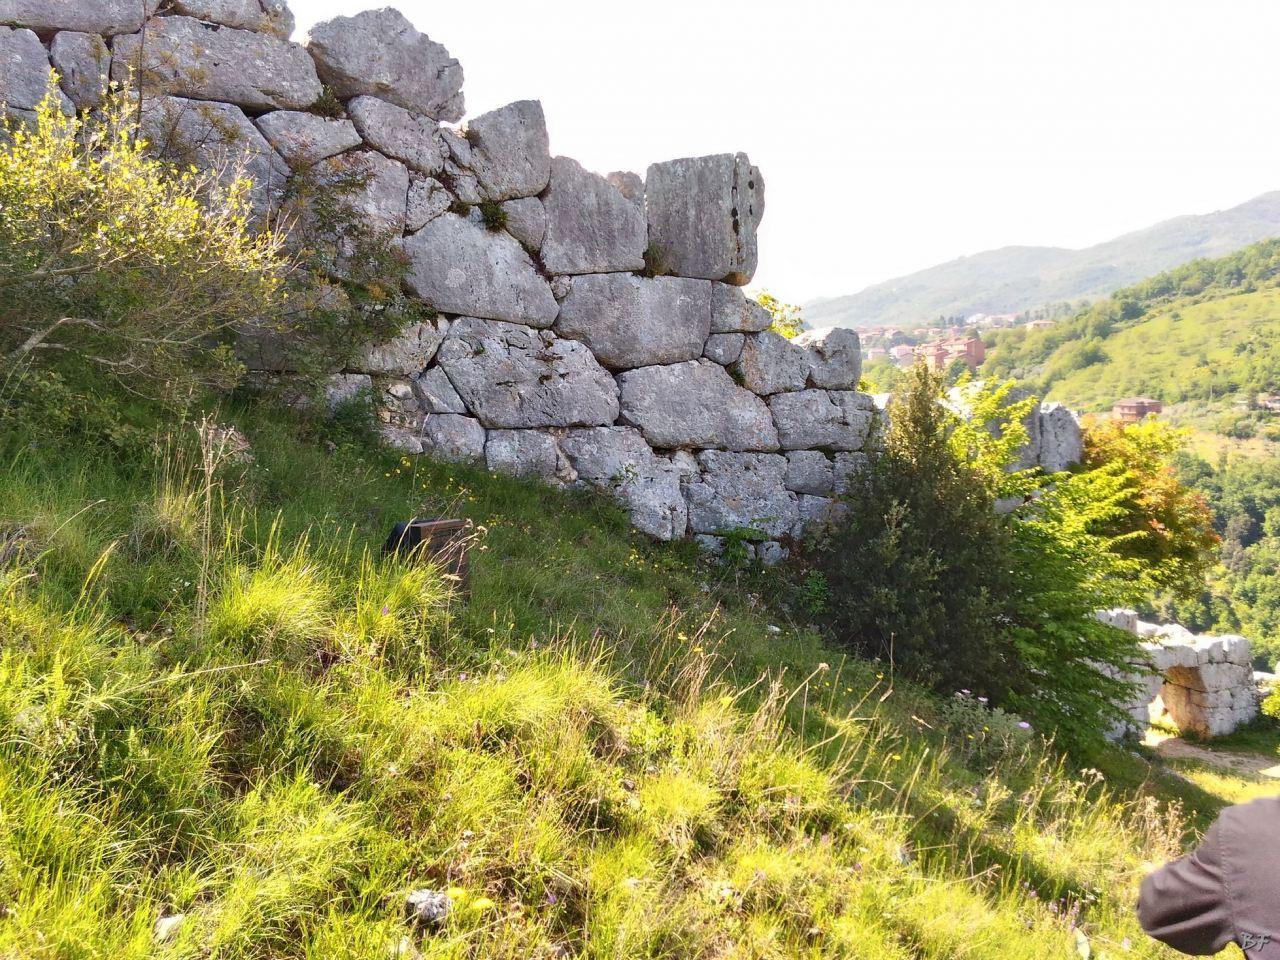 Signia-Mura-Poligonali-Megalitiche-Segni-Roma-Lazio-Italia-16